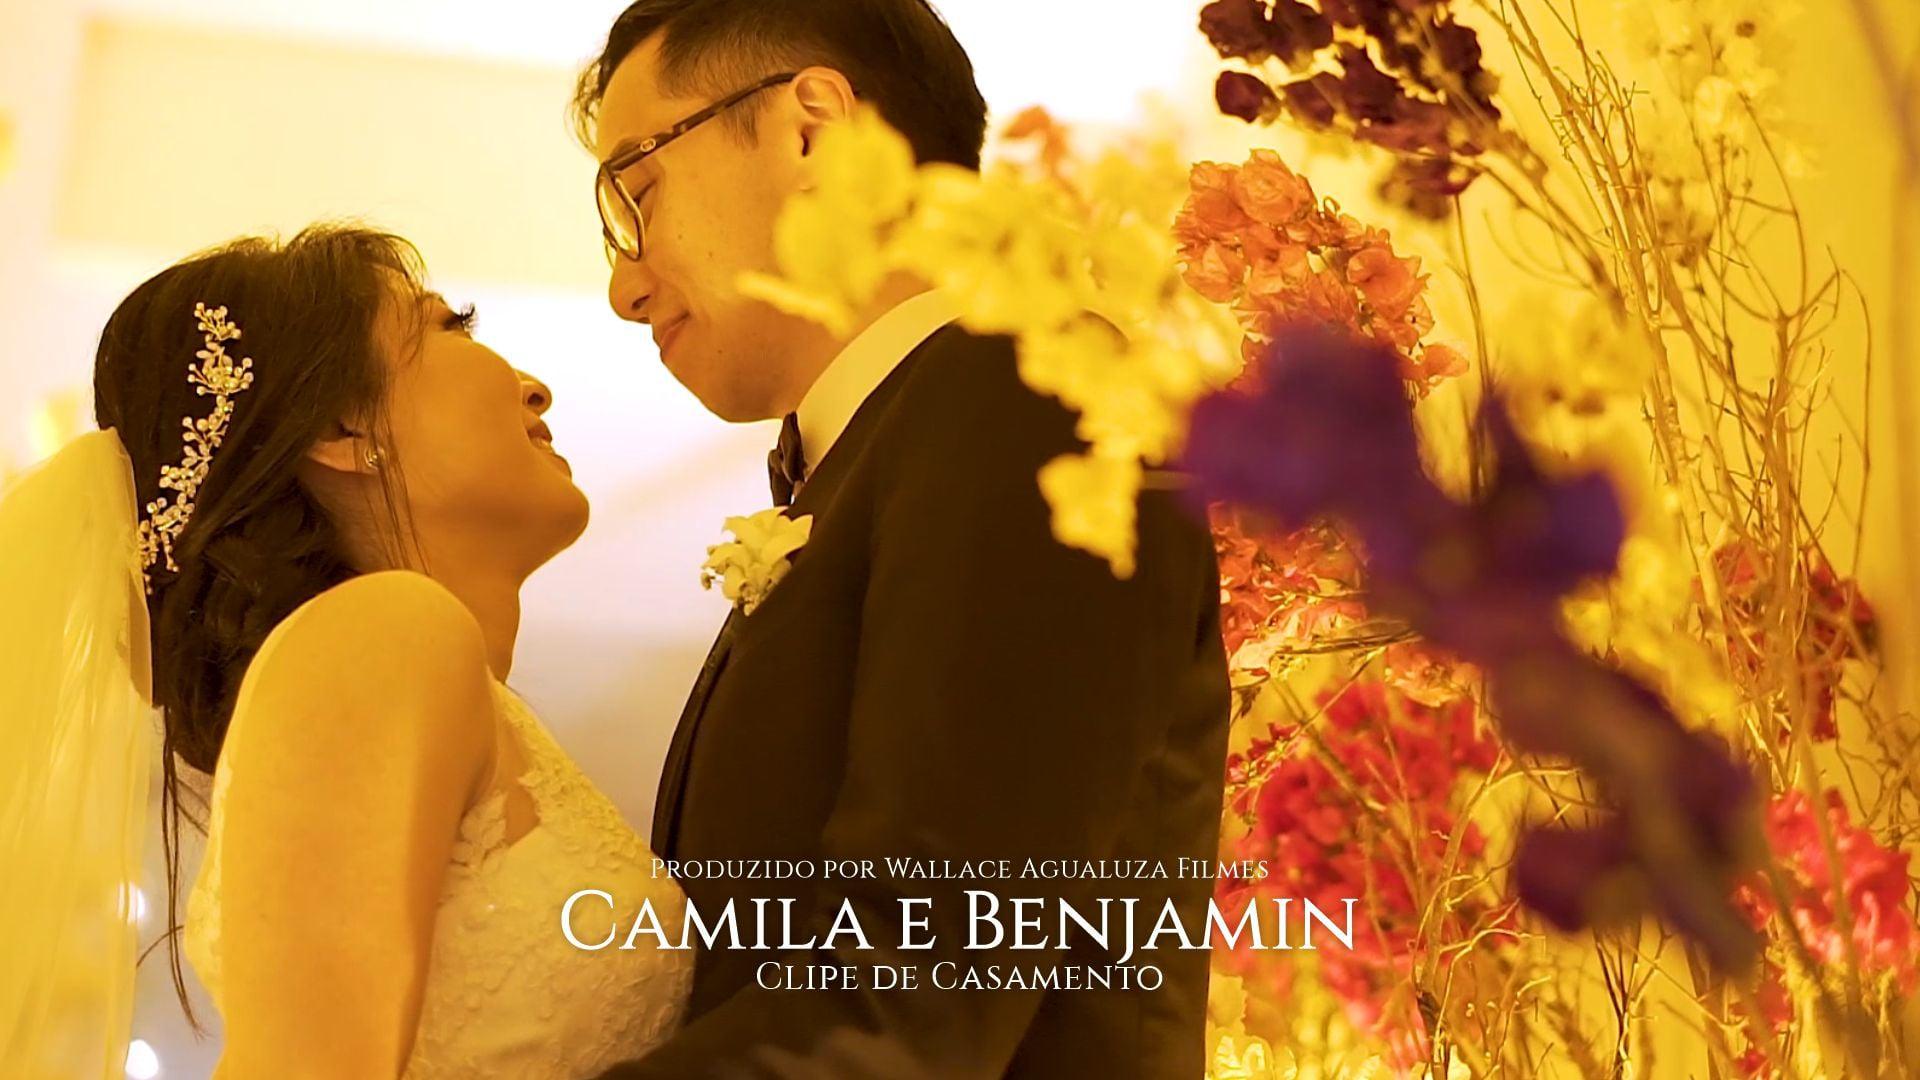 Camila e Benjamin | Clipe de Casamento